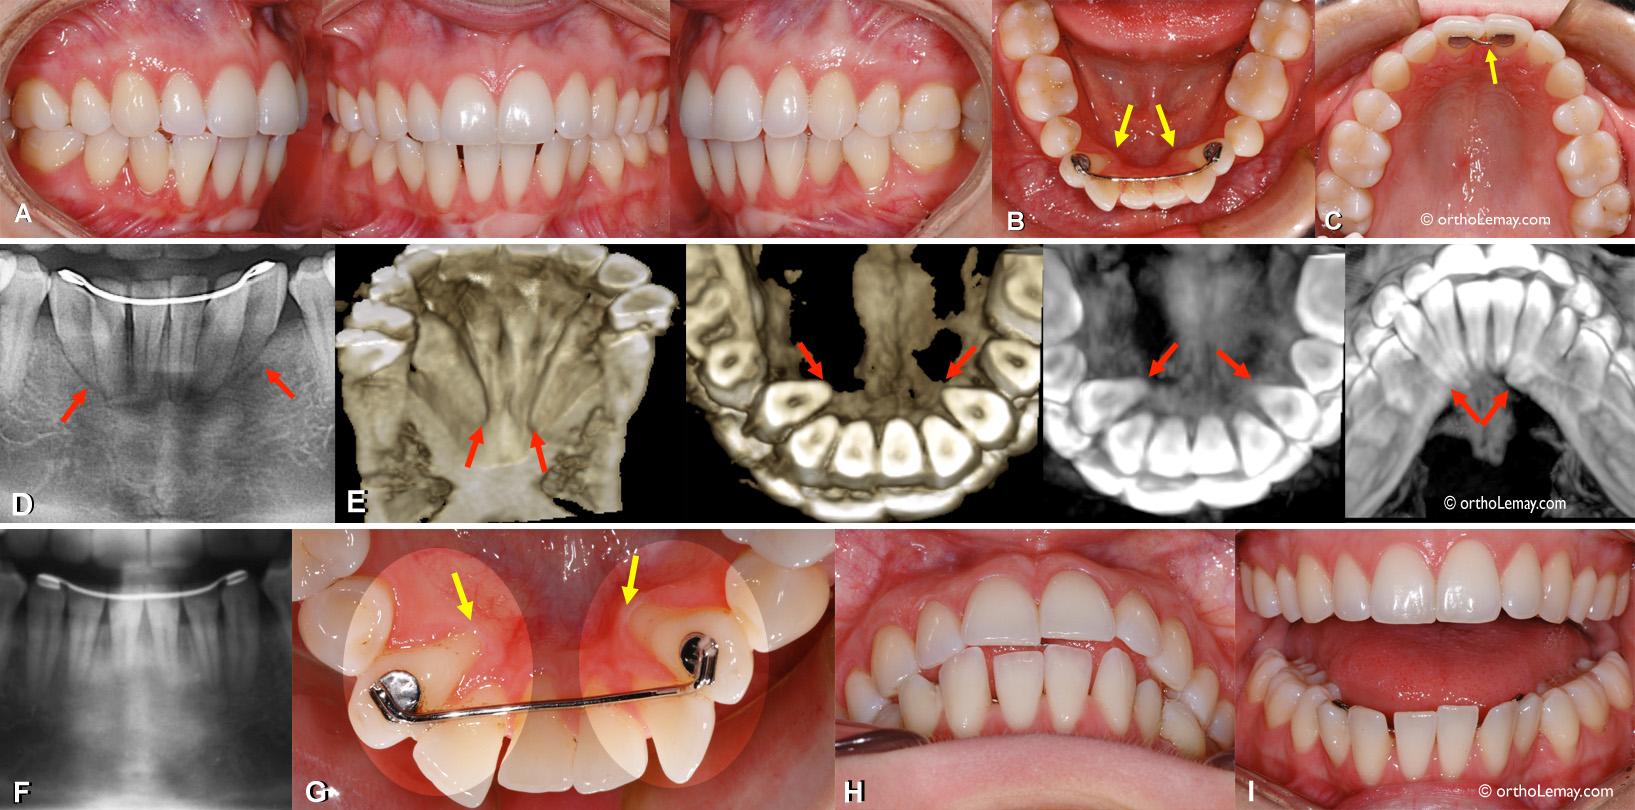 Récidive et mouvements dentaires importants malgré la présence d'un fil de rétention fixe en orthodontie.